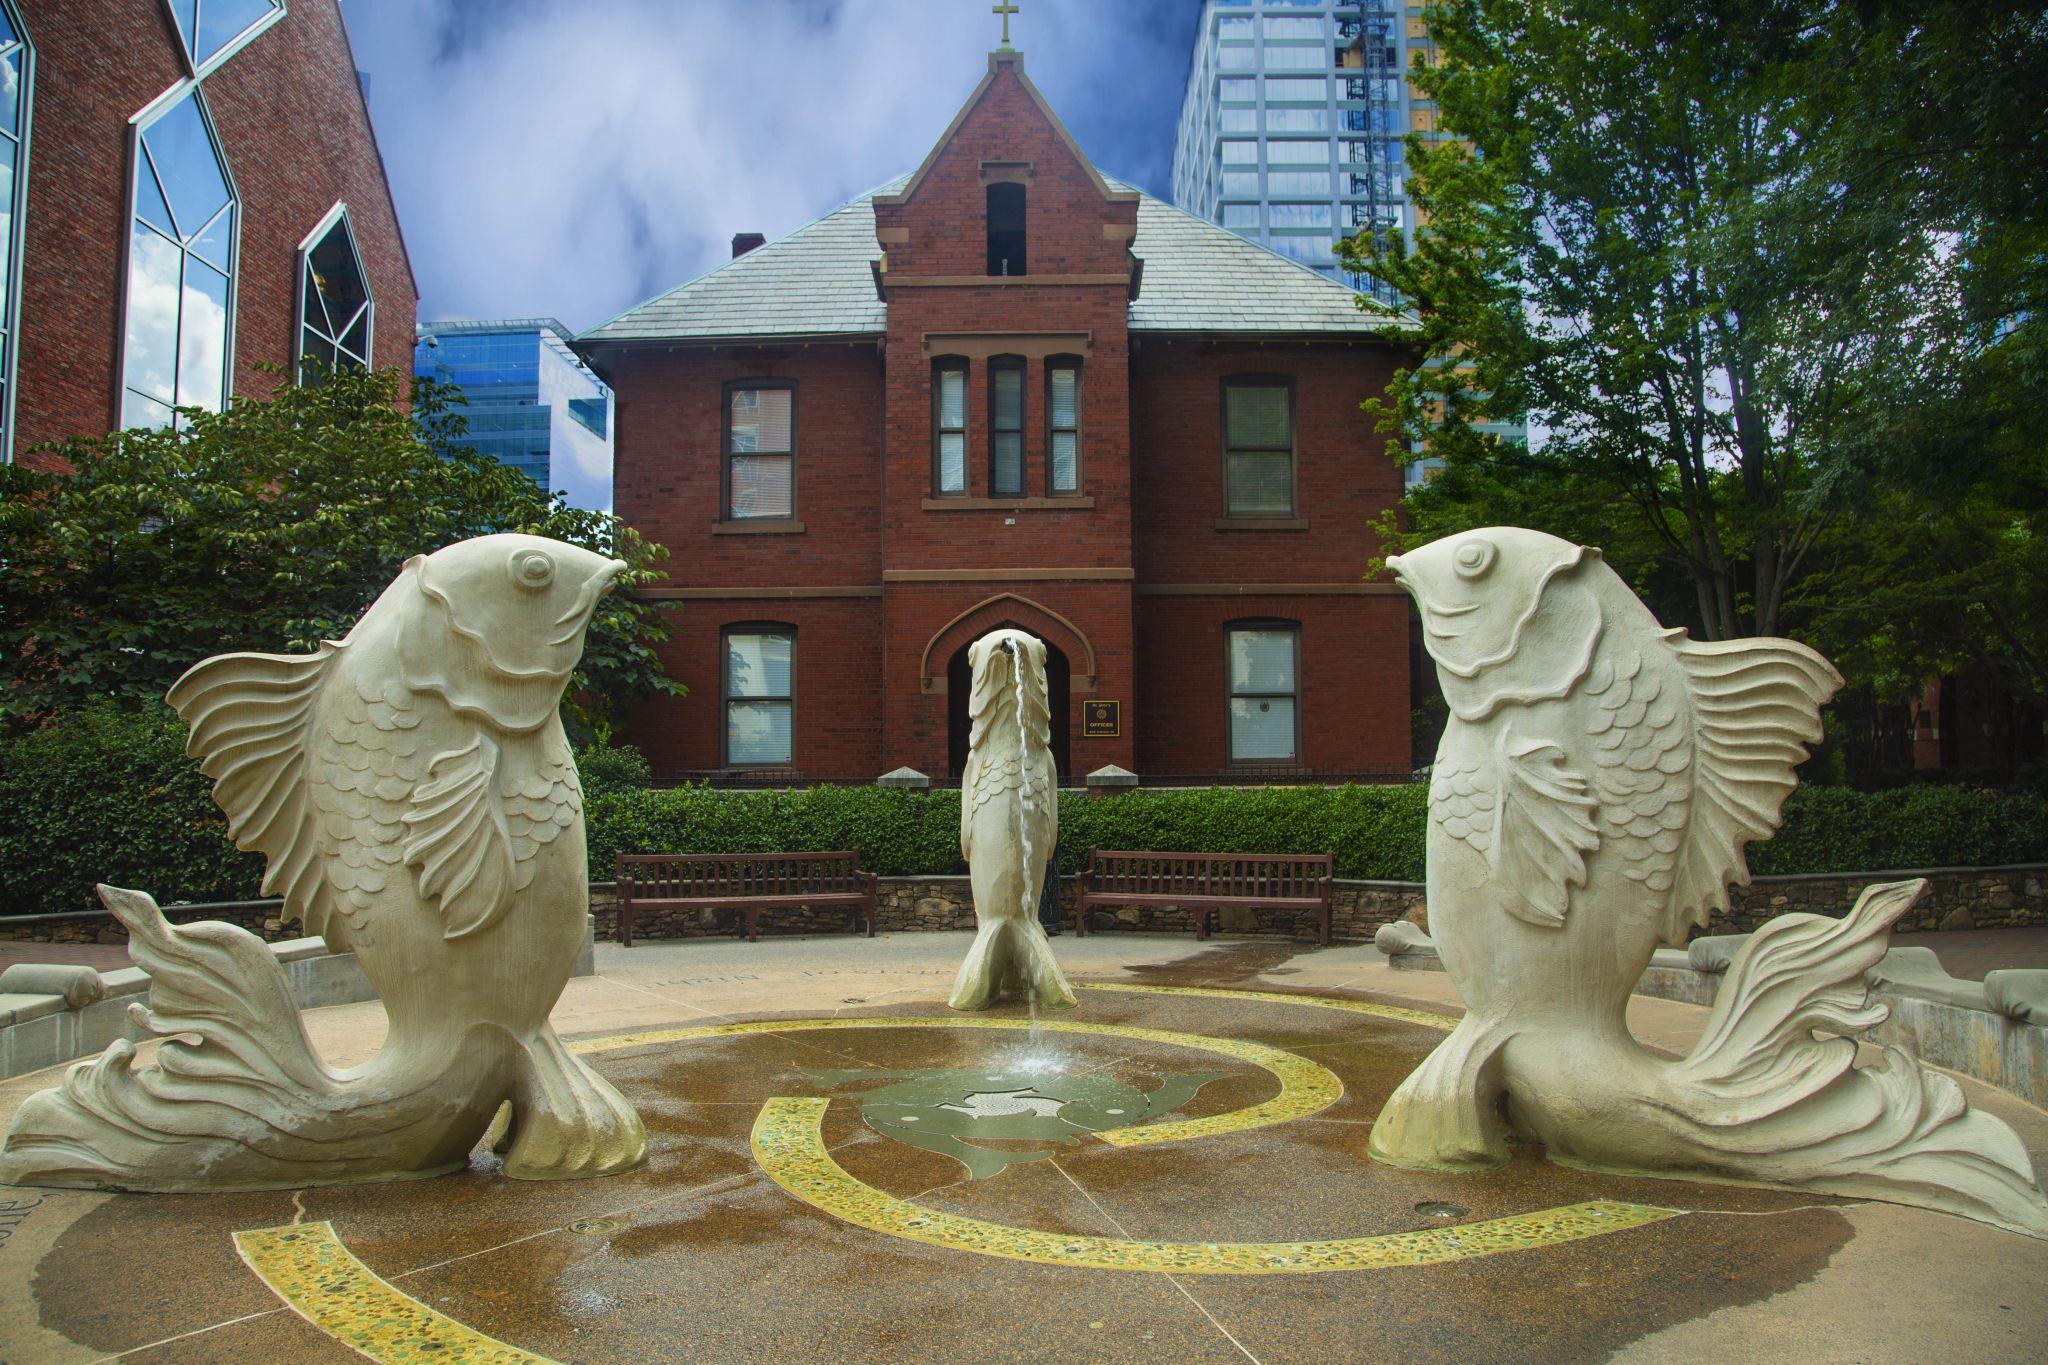 Carolyn Braaksma's Fish Fountain, USA